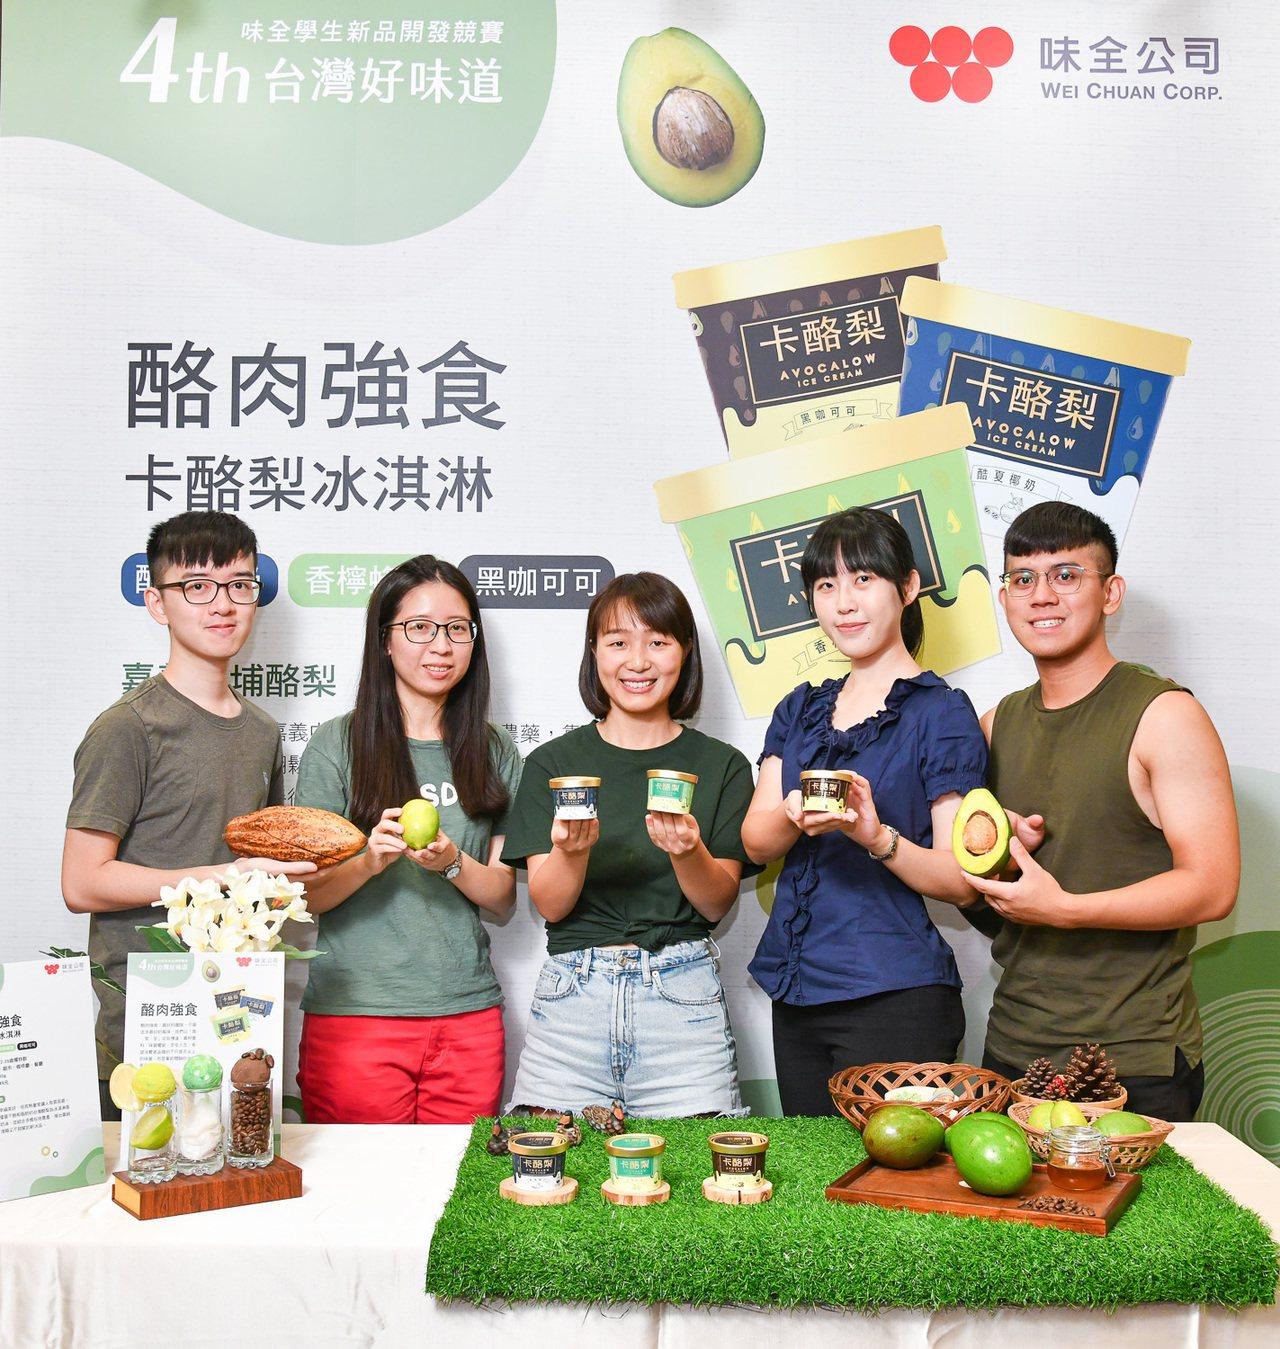 來自台灣大學食品科技研究所的「酪肉強食」獲得30萬冠軍大獎,他們以台灣在地酪梨製...